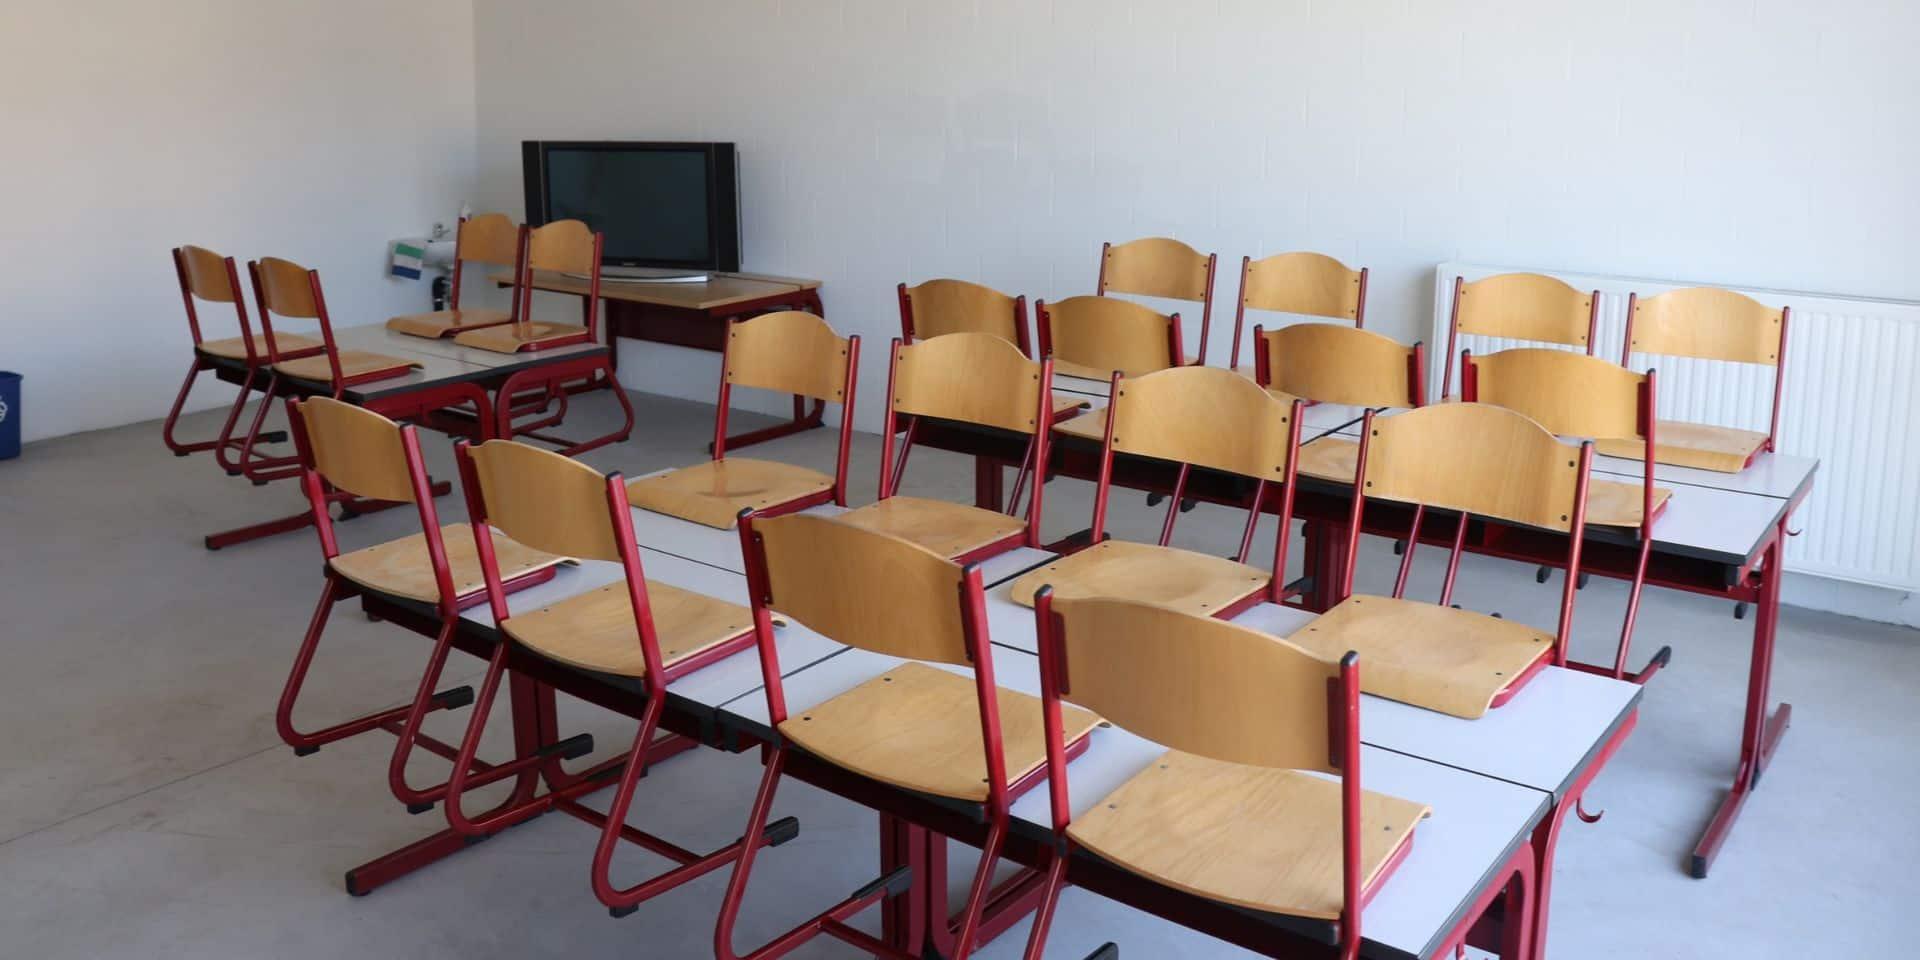 Chapelle-lez-Herlaimont: 2 millions d'euros de subsides pour l'école basse énergie